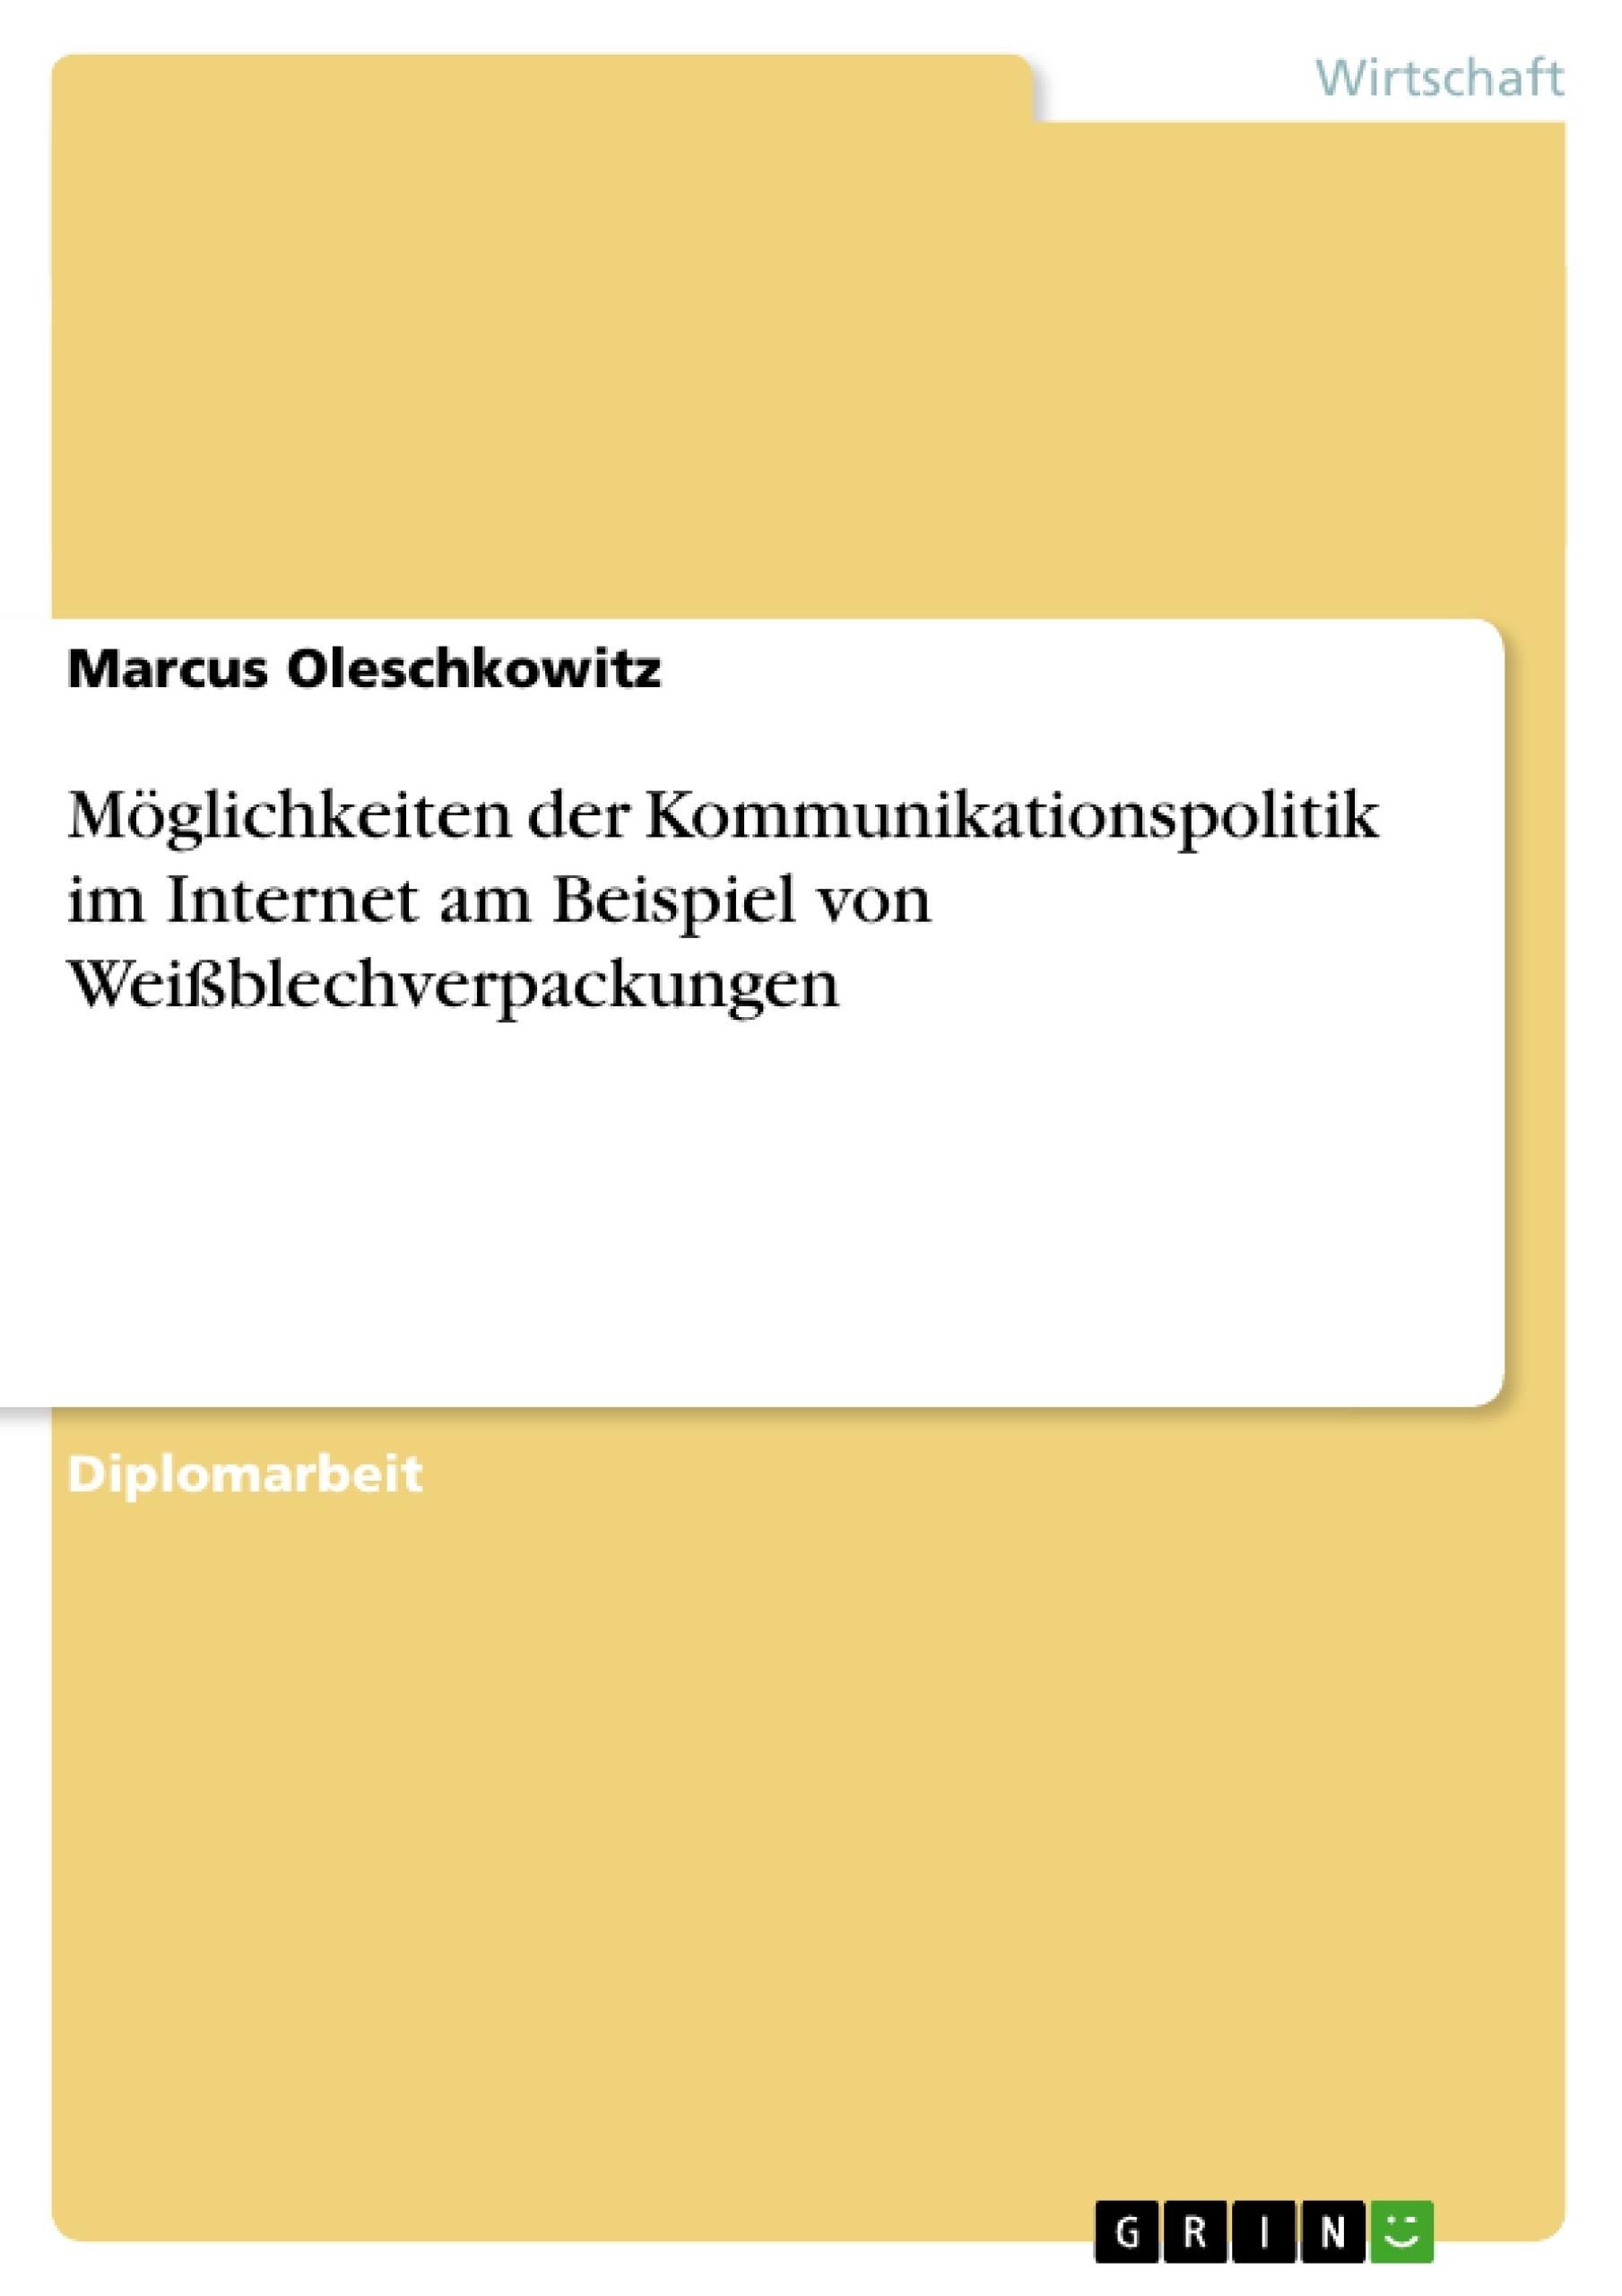 Möglichkeiten der Kommunikationspolitik im Internet am Beispiel ...